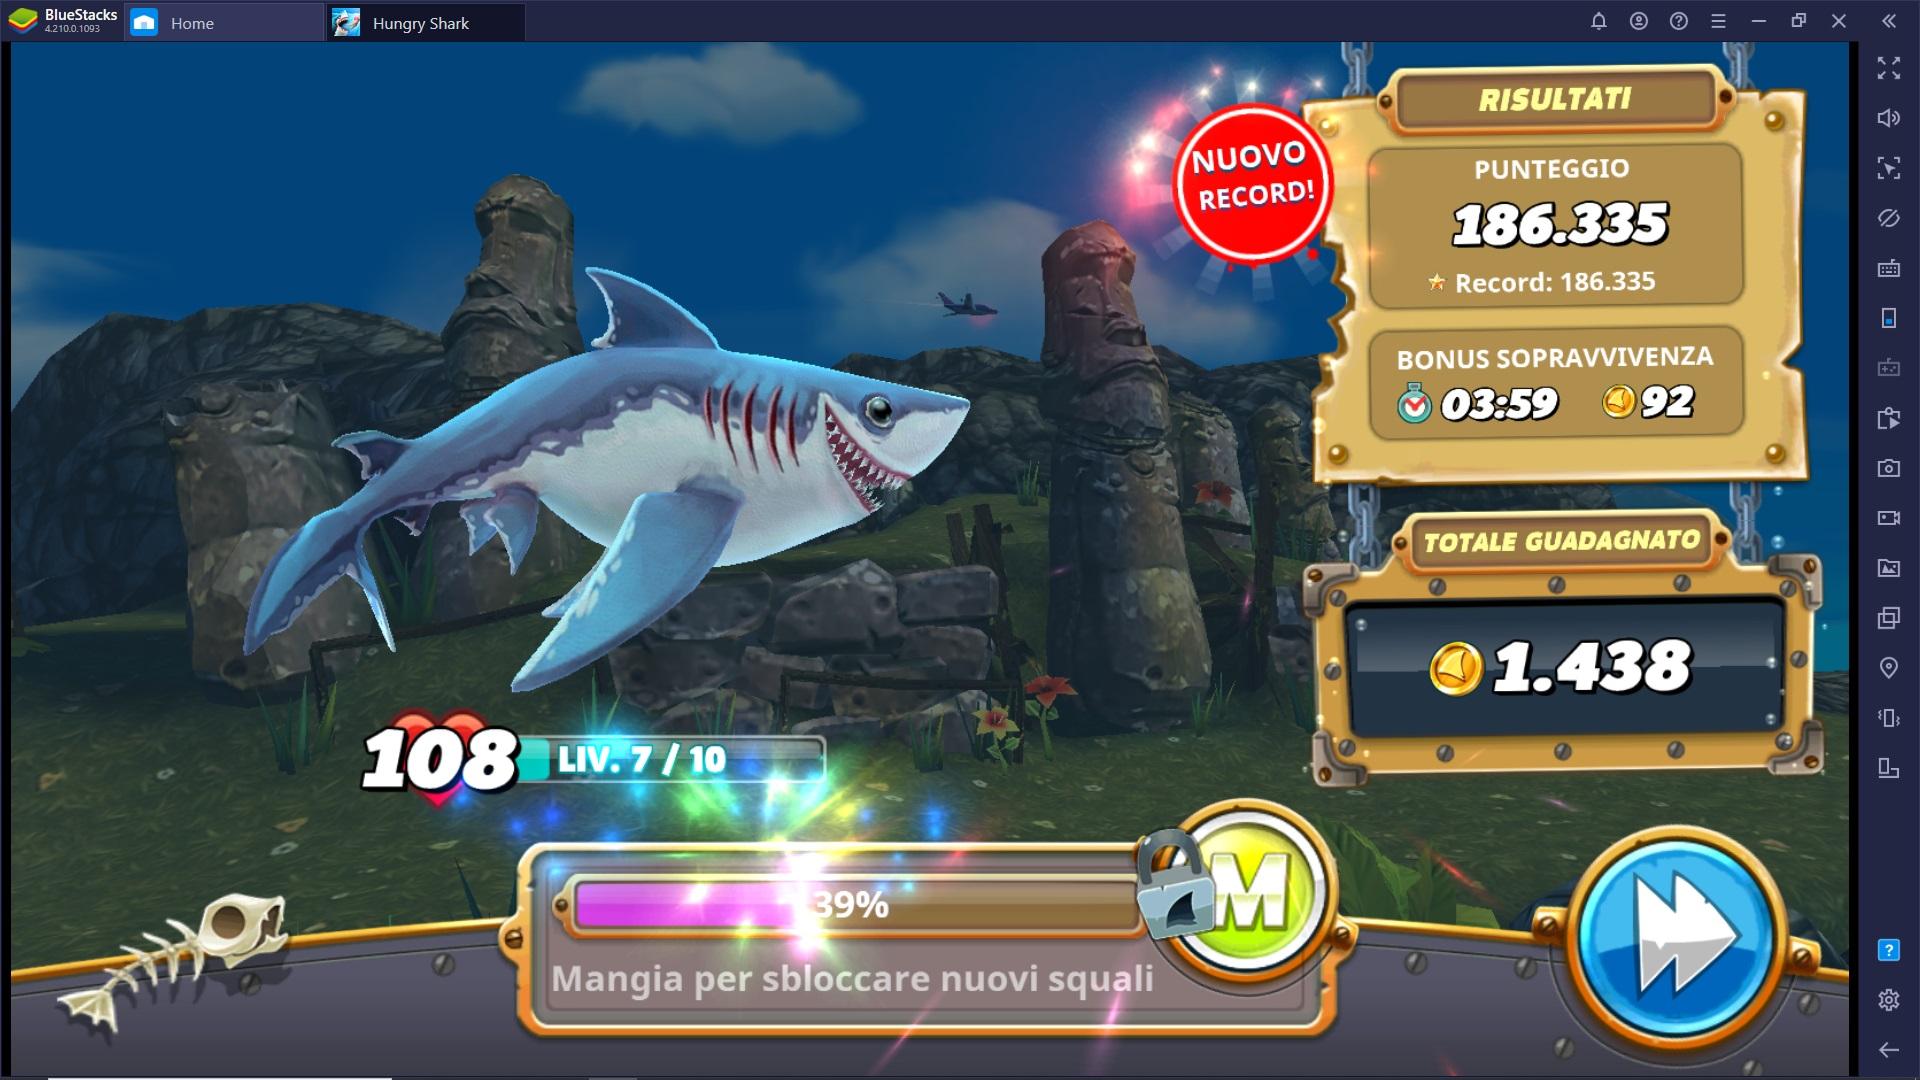 I migliori trucchi e consigli per Hungry Shark World